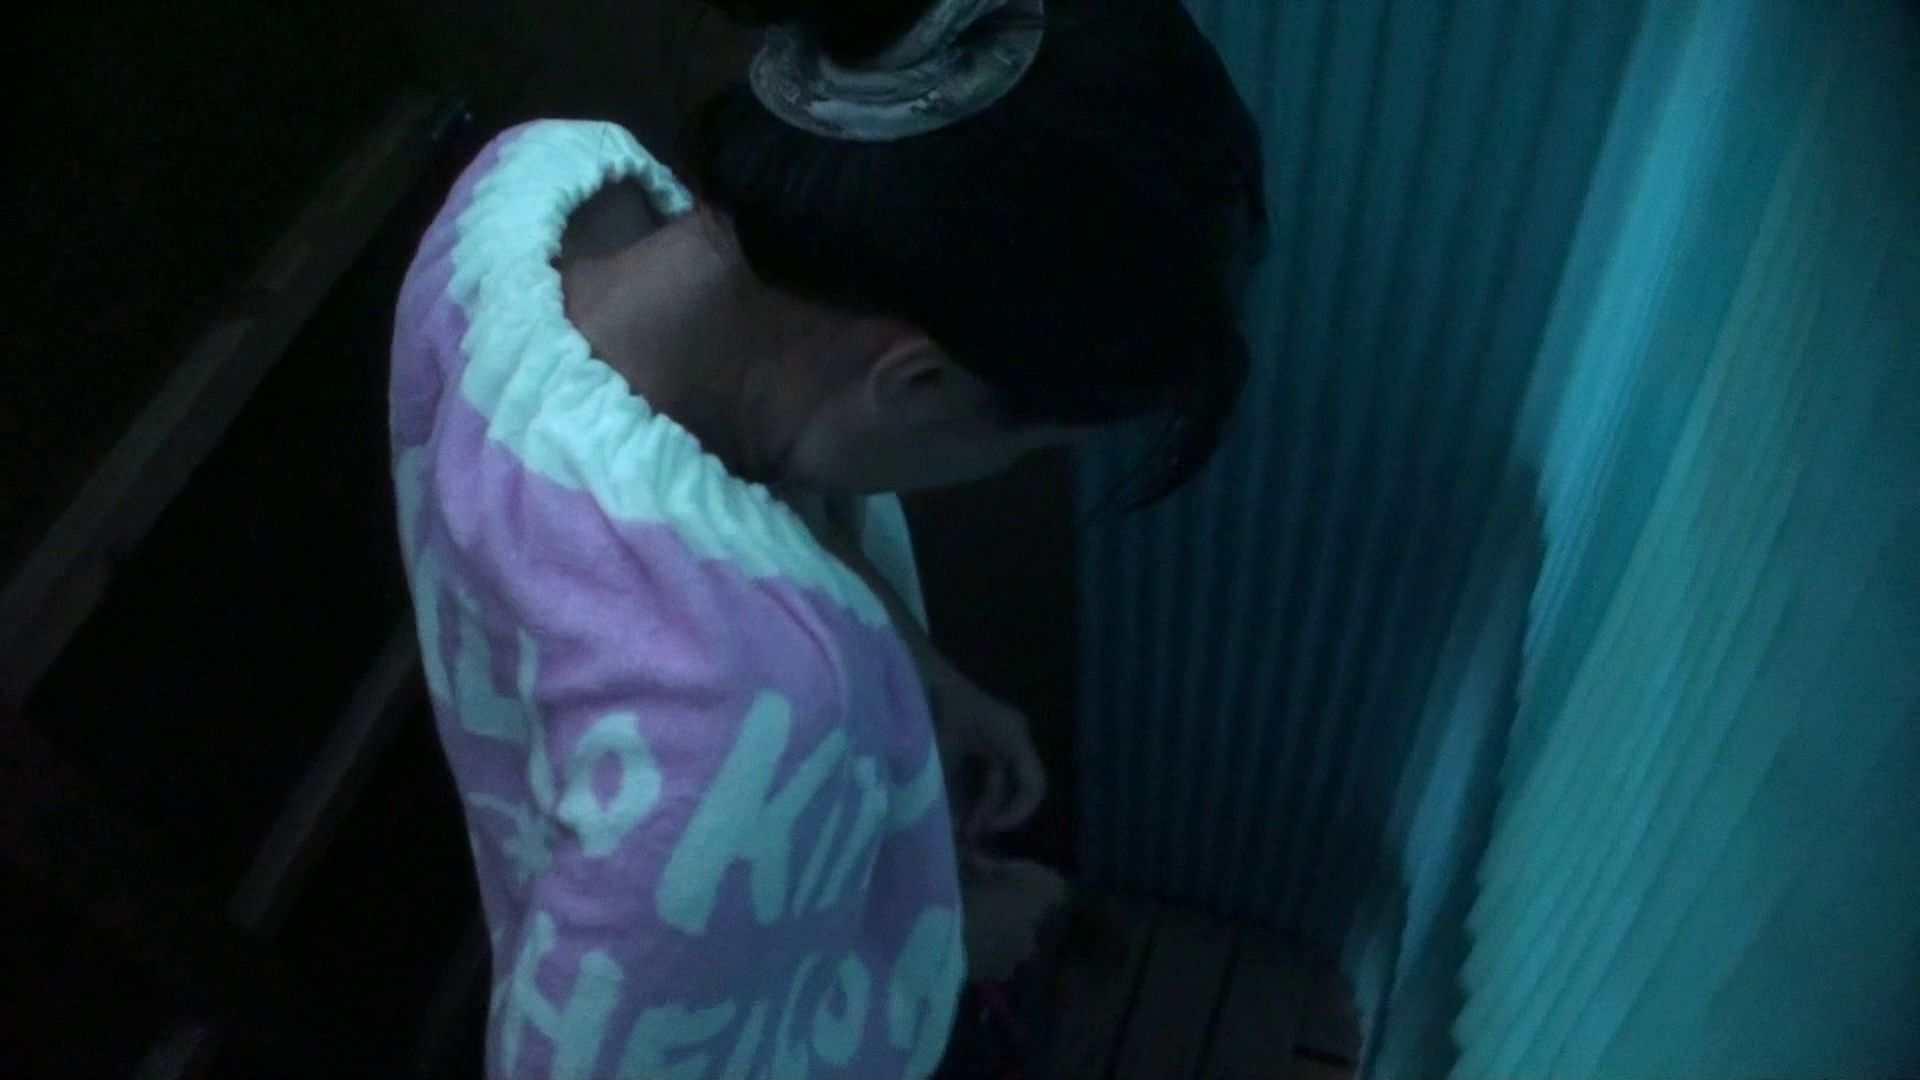 シャワールームは超!!危険な香りVol.26 大学生風美形ギャル 暗さが残念! OLヌード天国 セックス無修正動画無料 103PIX 46